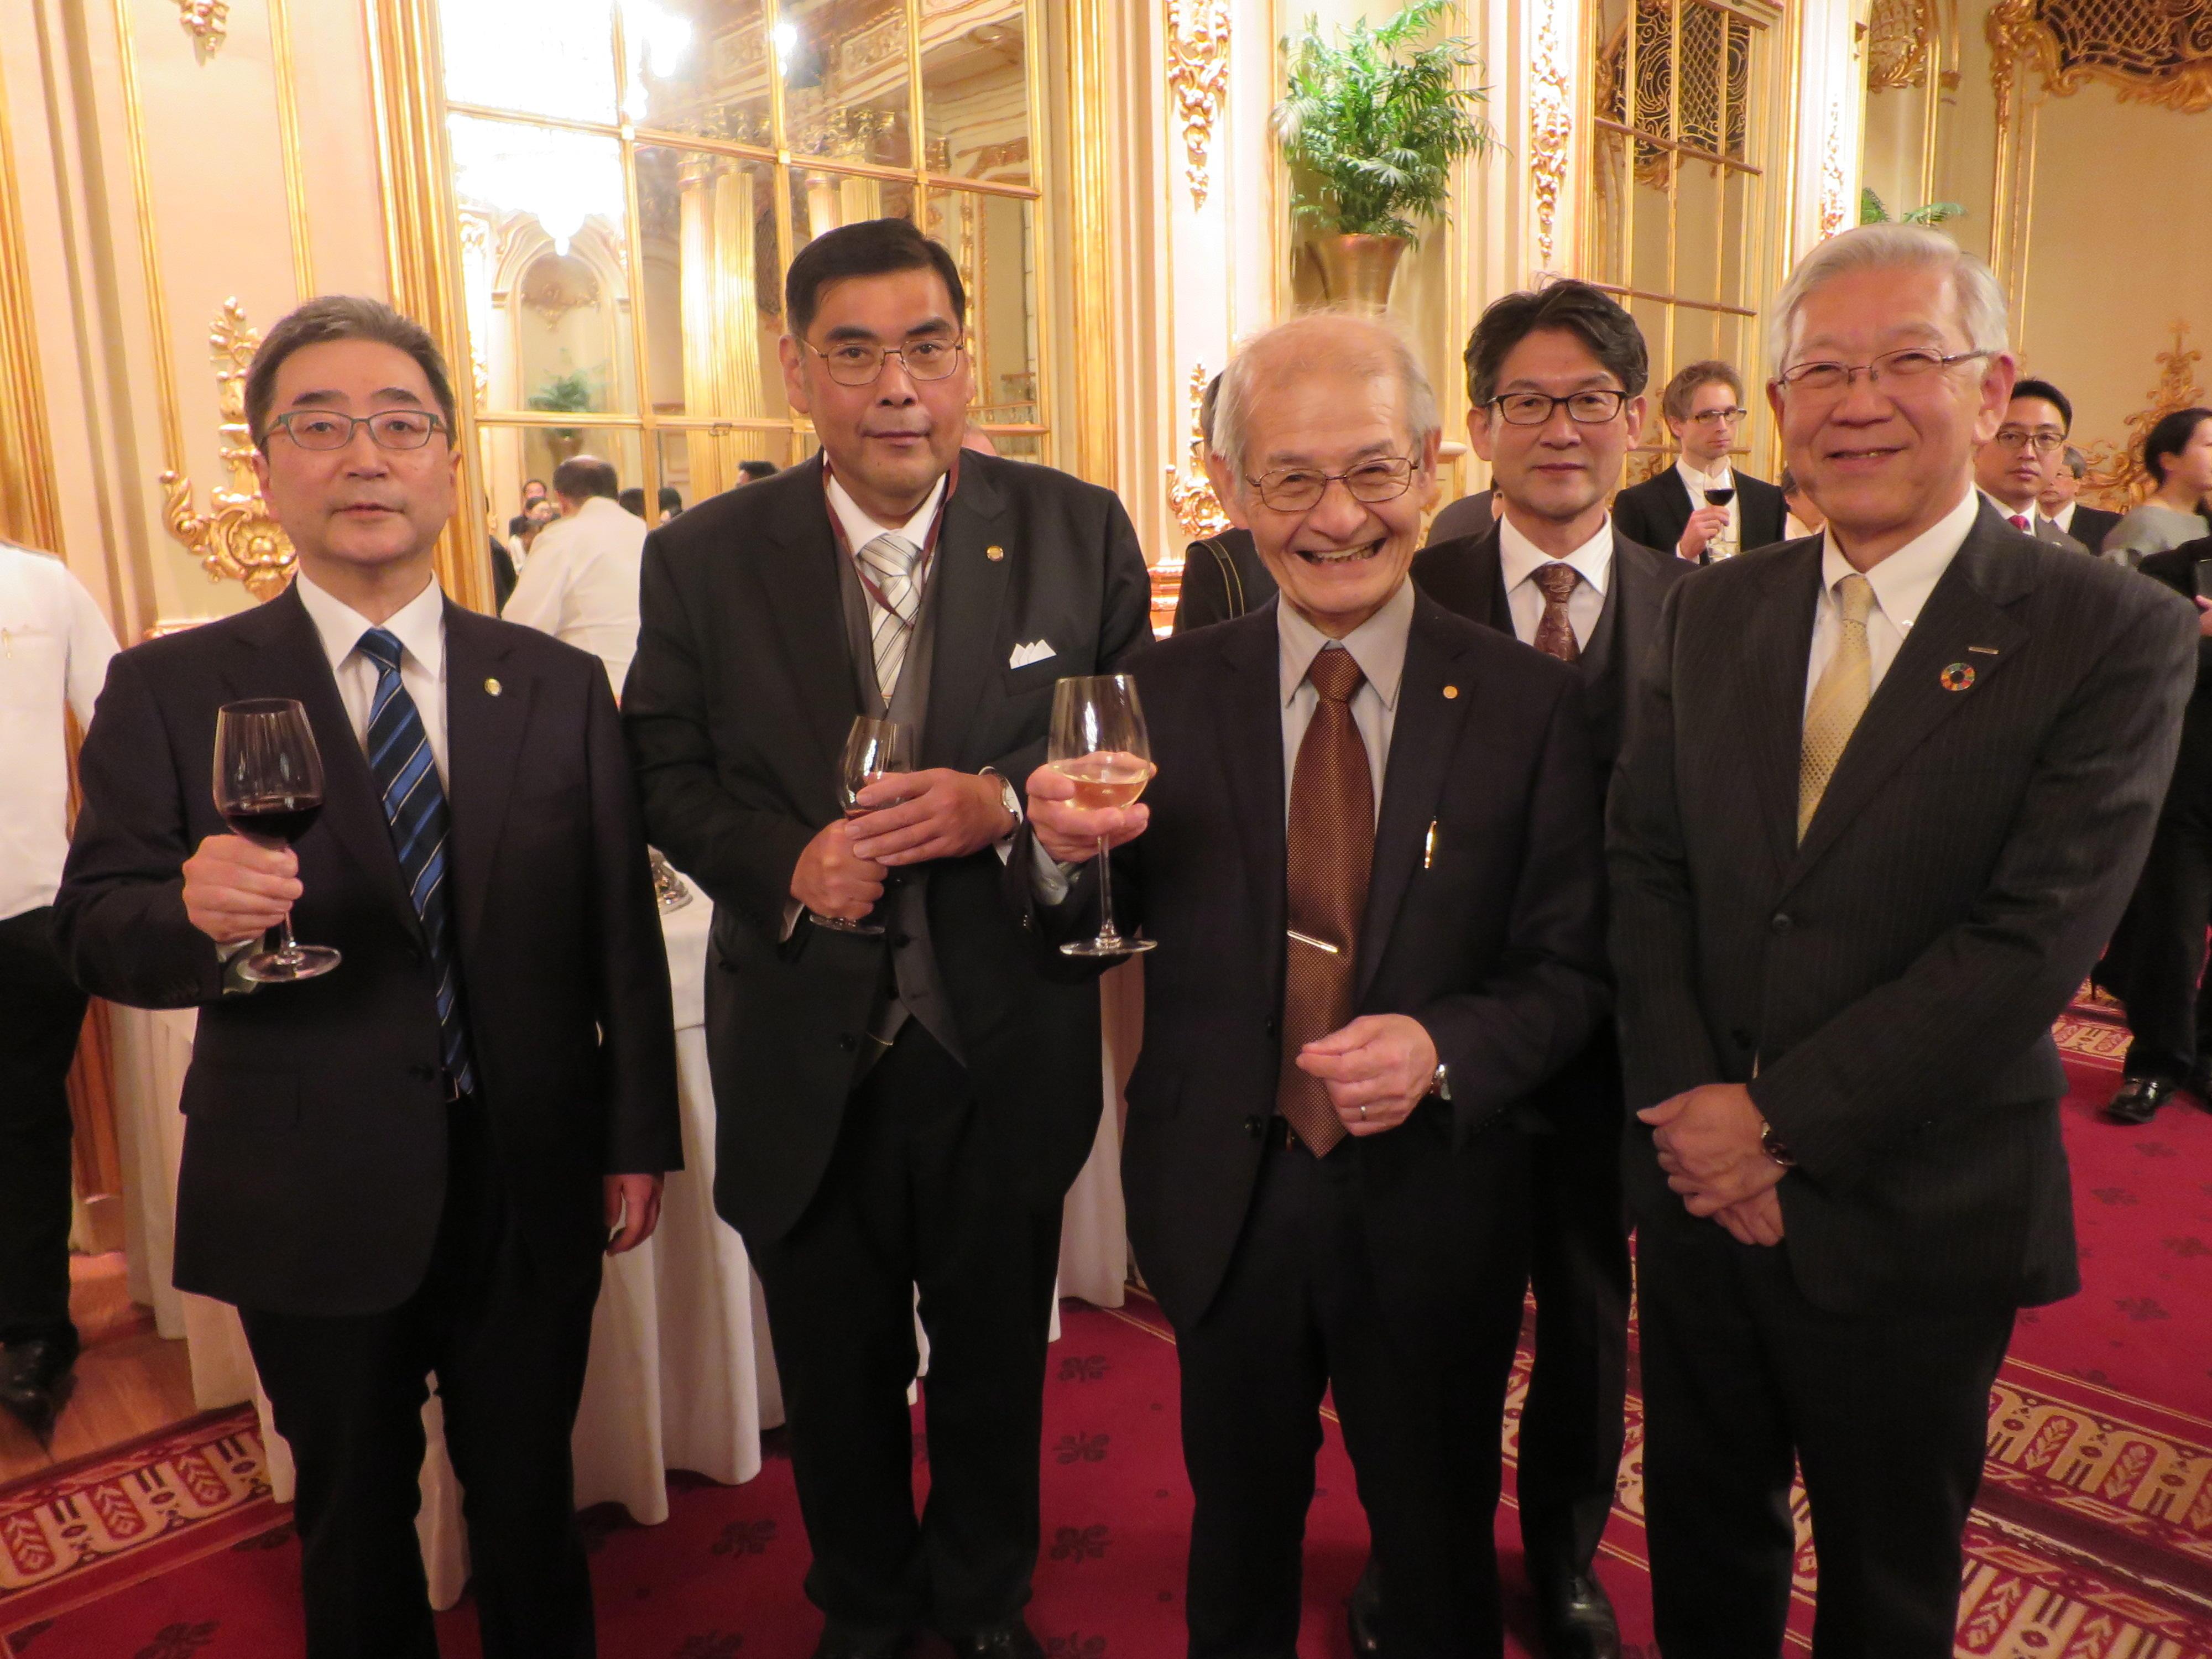 日本大使館主催のレセプションで、小原章裕名城大学学長(左から2人目)や小堀秀毅旭化成株式会社代表取締役社長(右端)と一緒に記念撮影